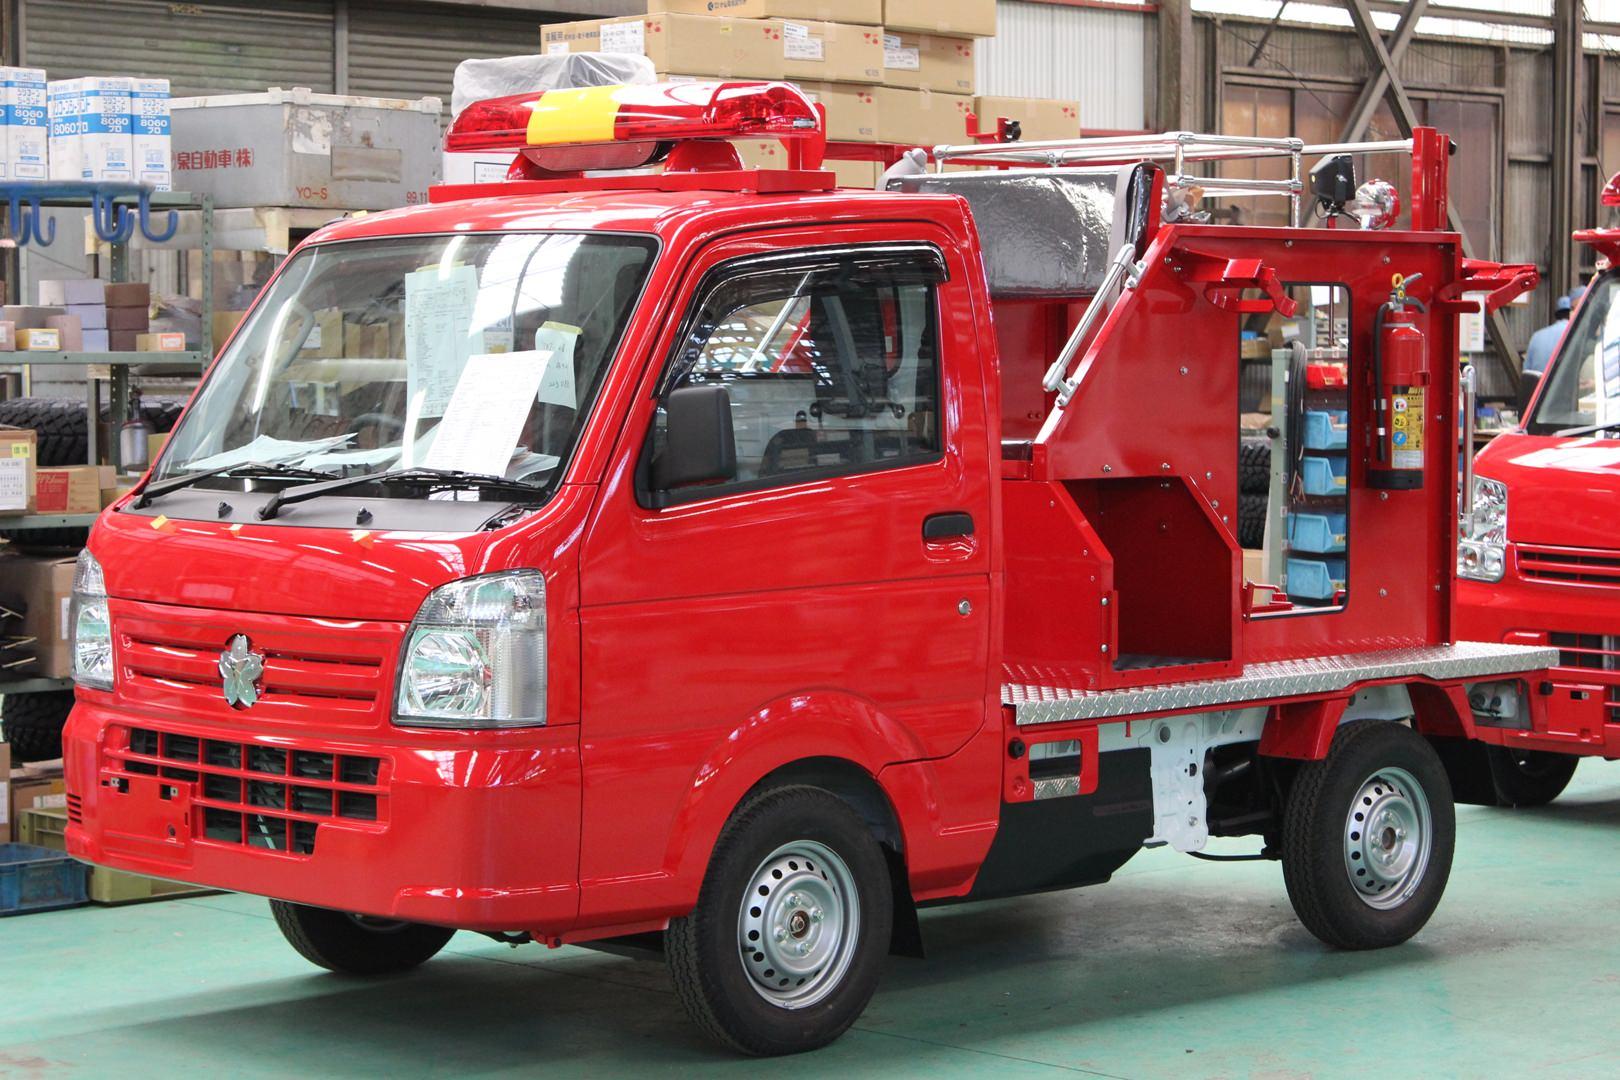 特種用途自動車の「専ら緊急の用に供するための自動車」に分類される 軽消防車(トノックス工場にて)